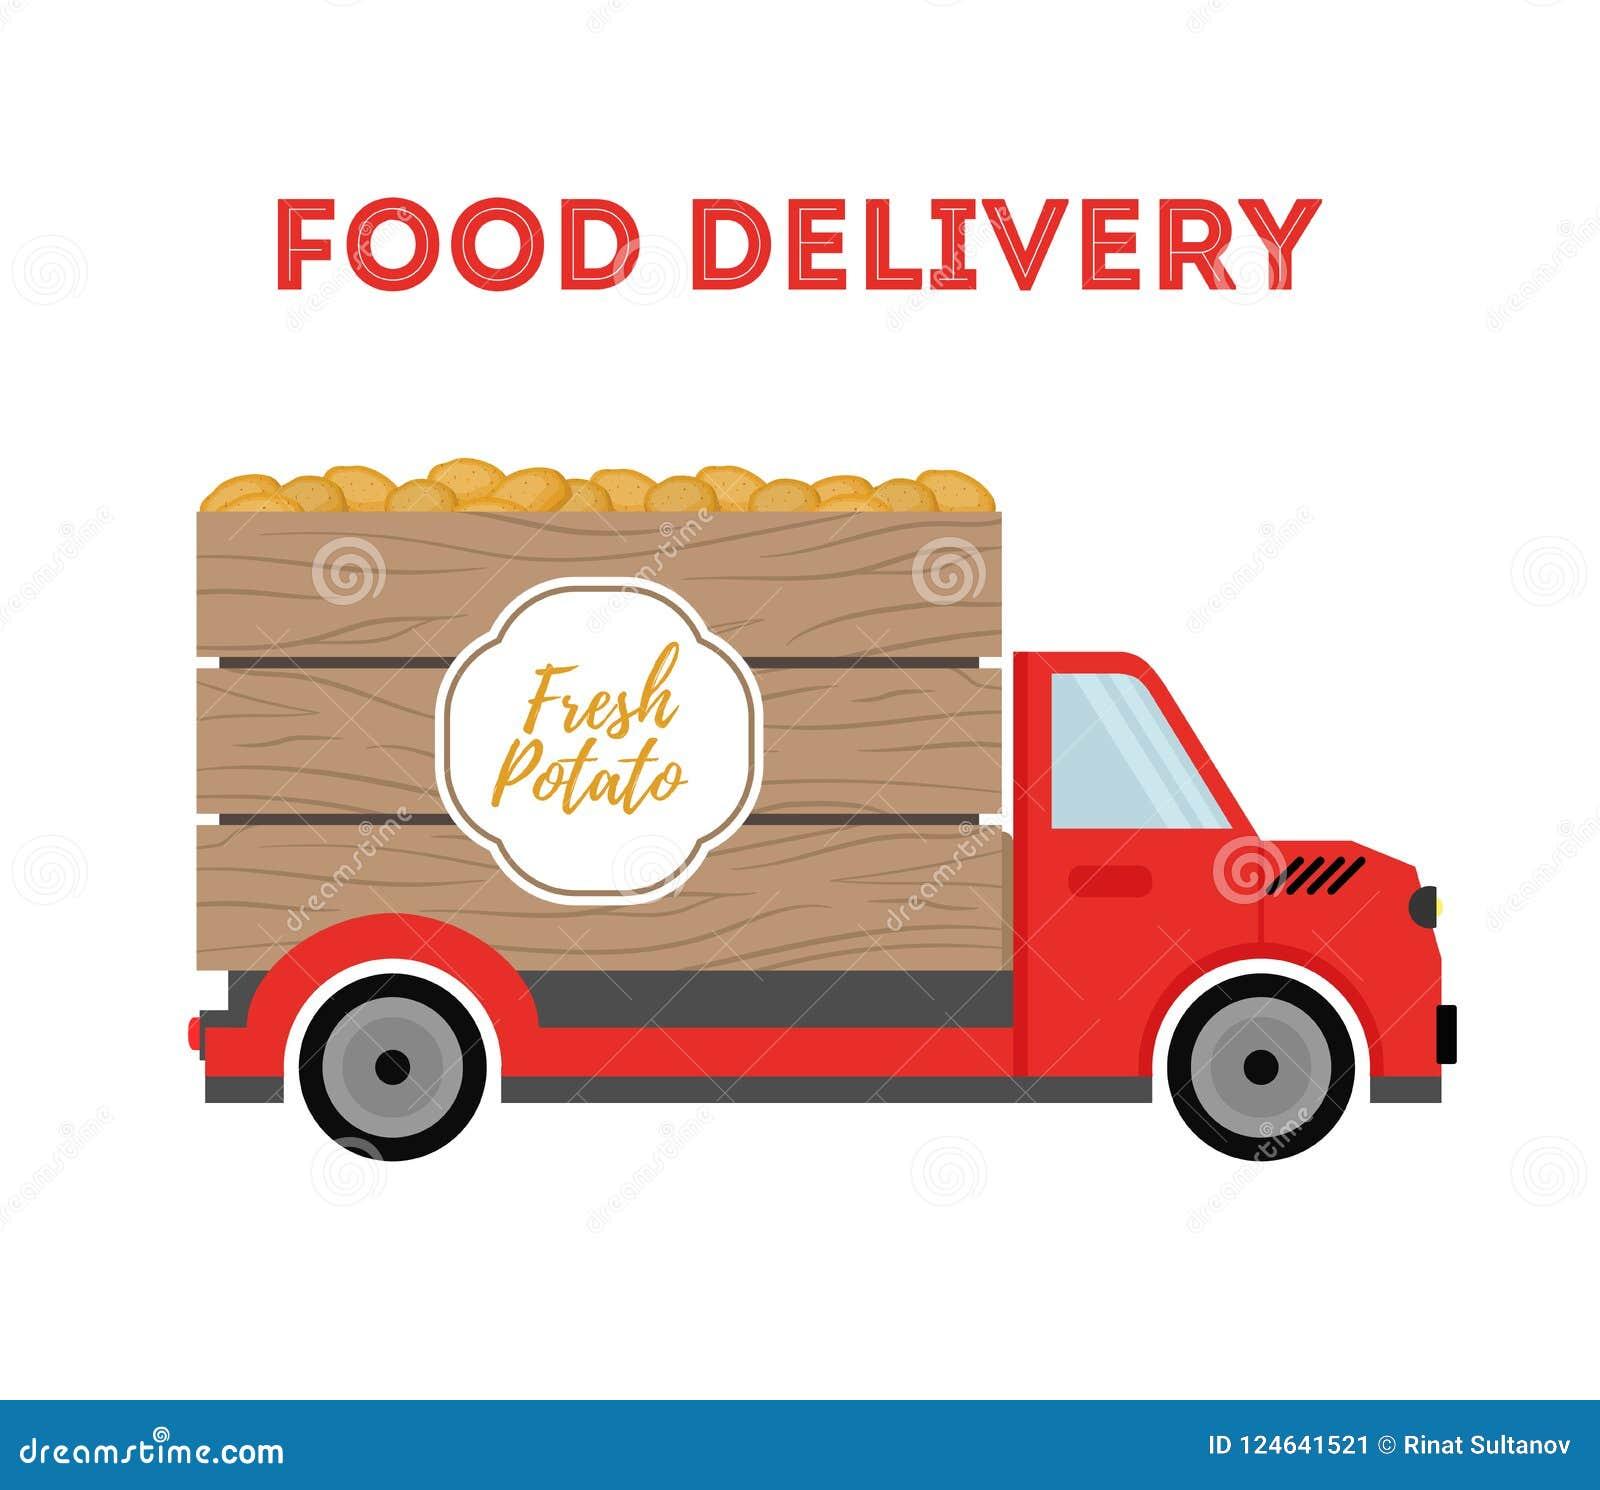 Διανυσματική παράδοση τροφίμων - ναυτιλία των προϊόντων κήπων - πατάτα Αυτοκίνητο, φορτηγό